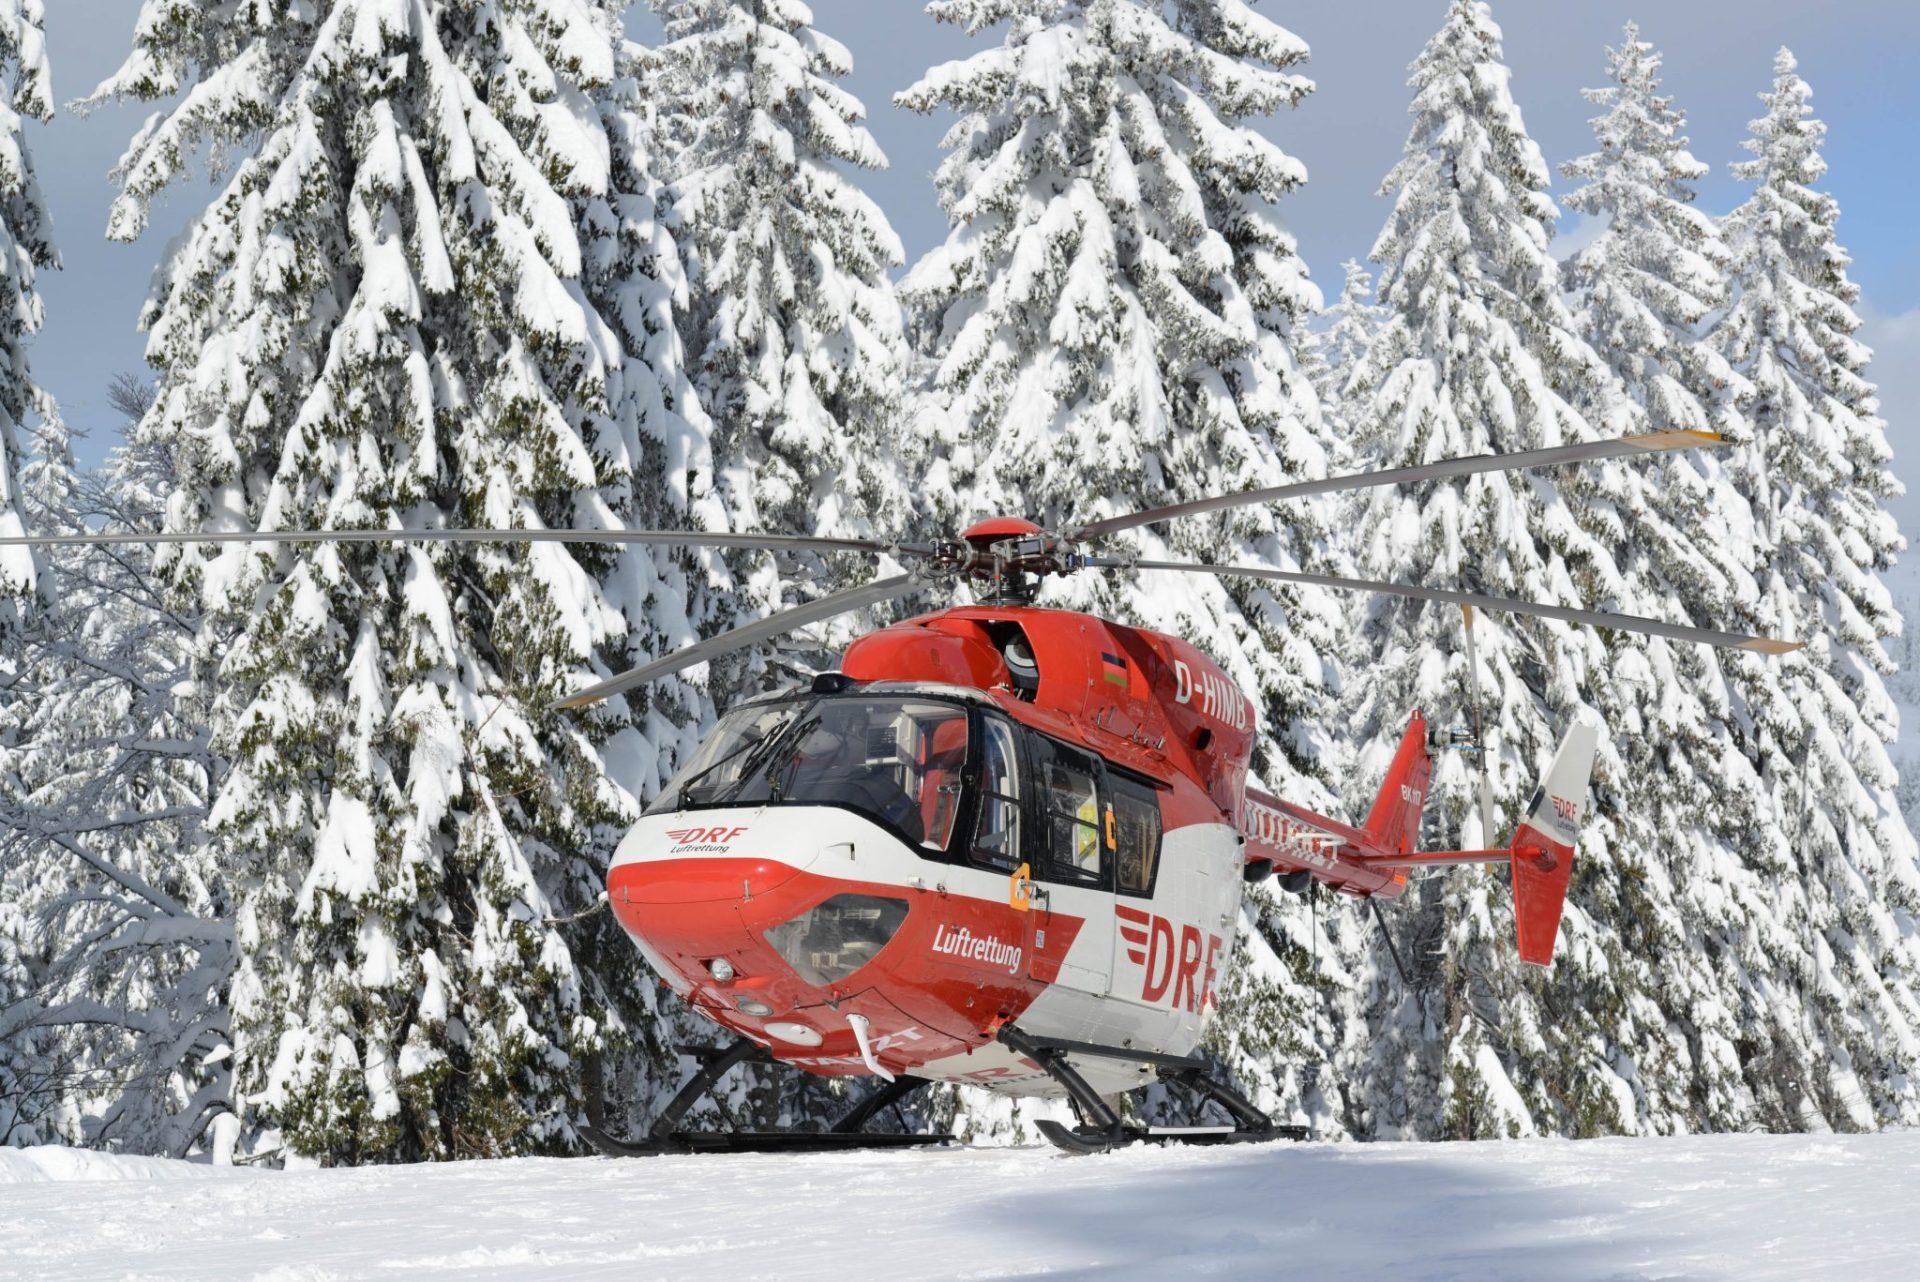 Beim Wintersport auf die Sicherheit achten 3